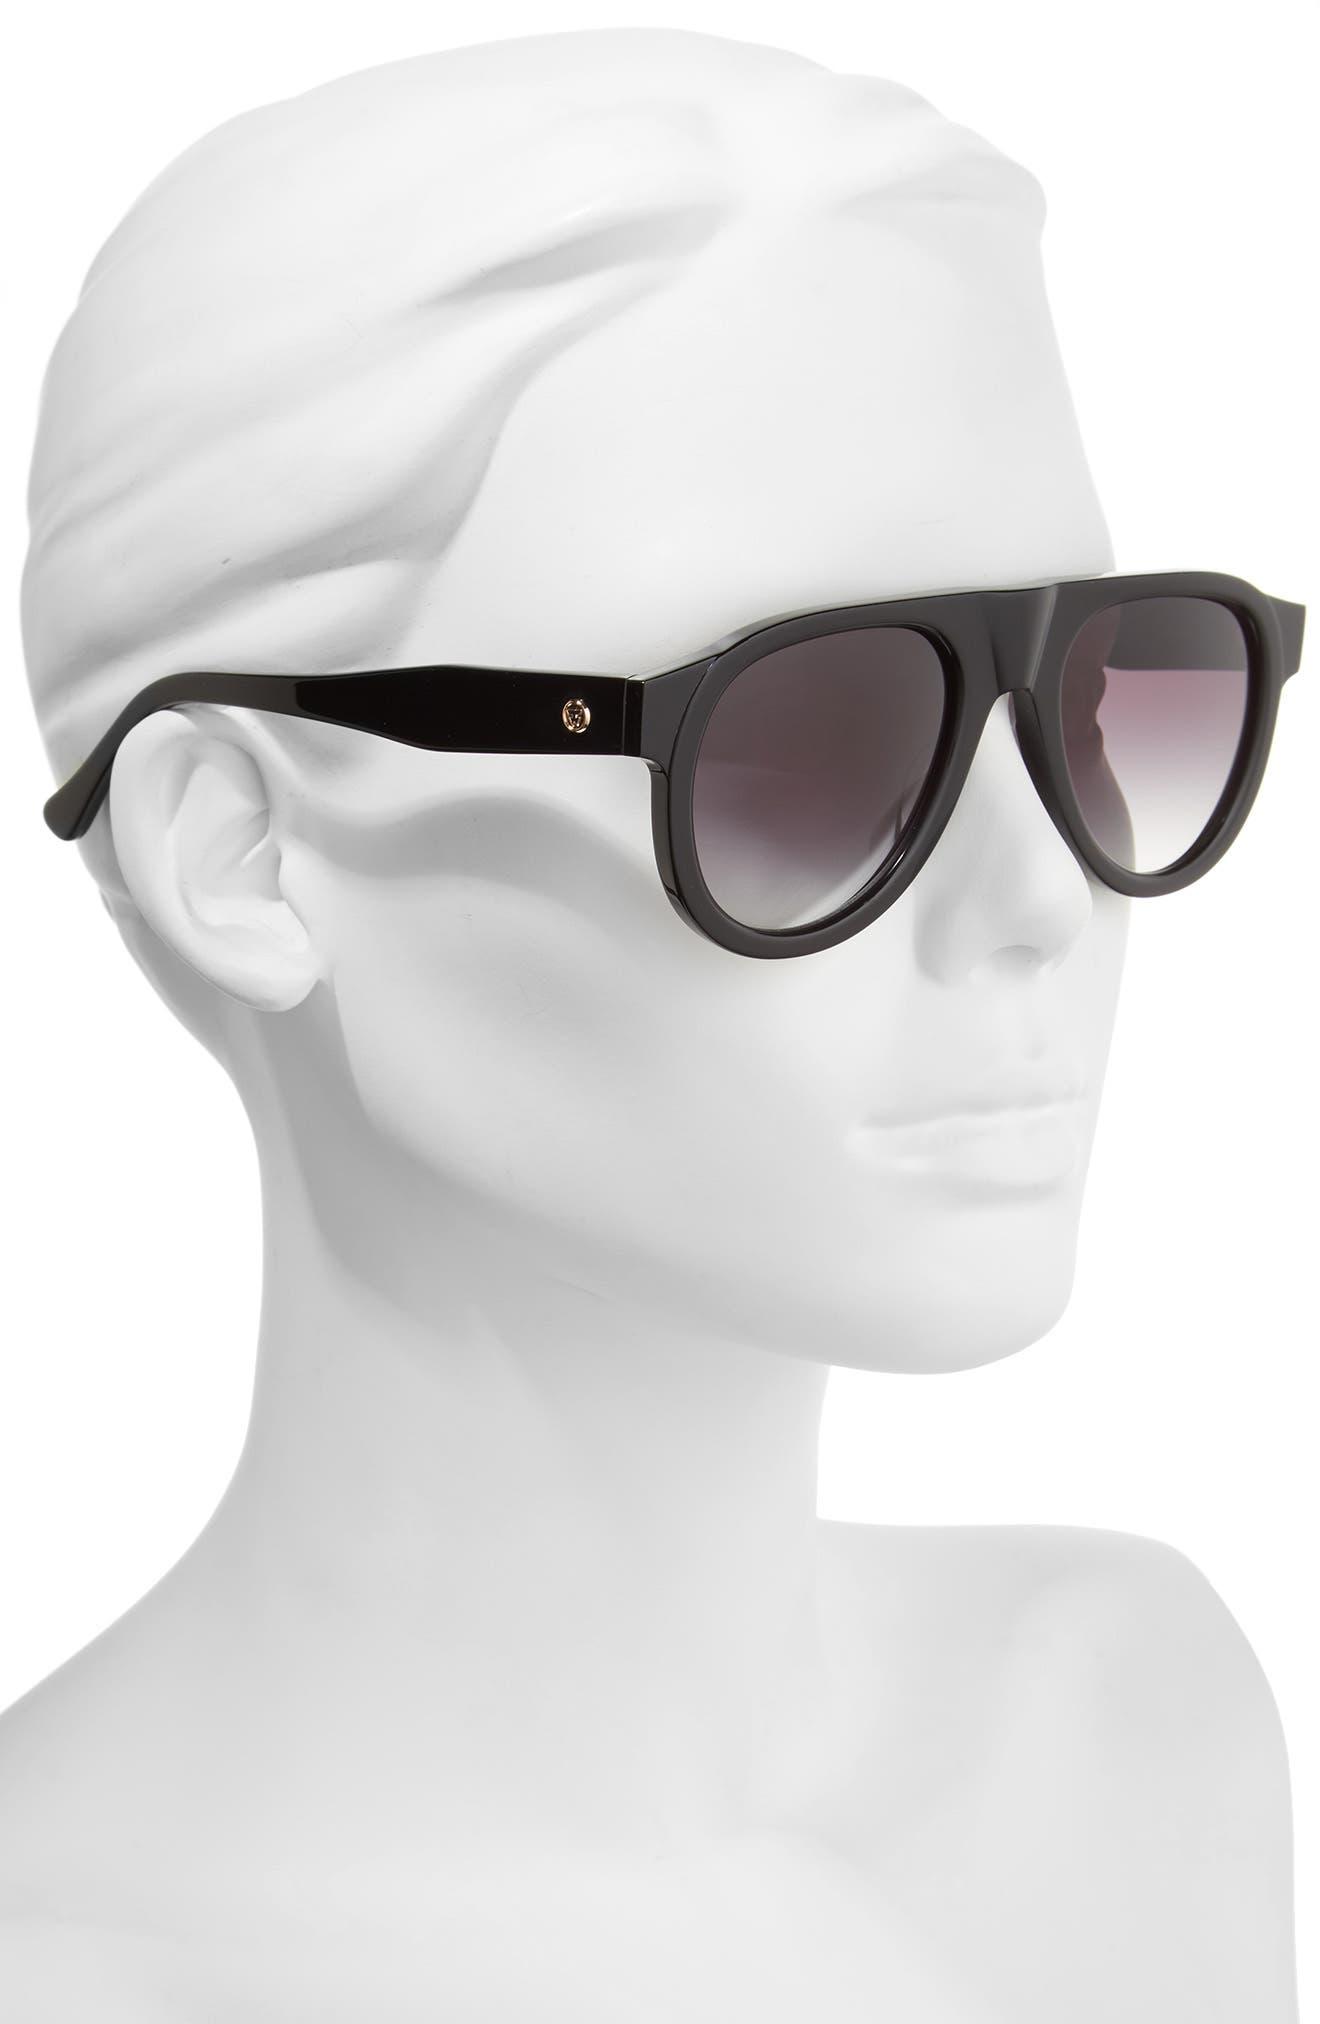 Duke Aviator Sunglasses,                             Alternate thumbnail 2, color,                             001